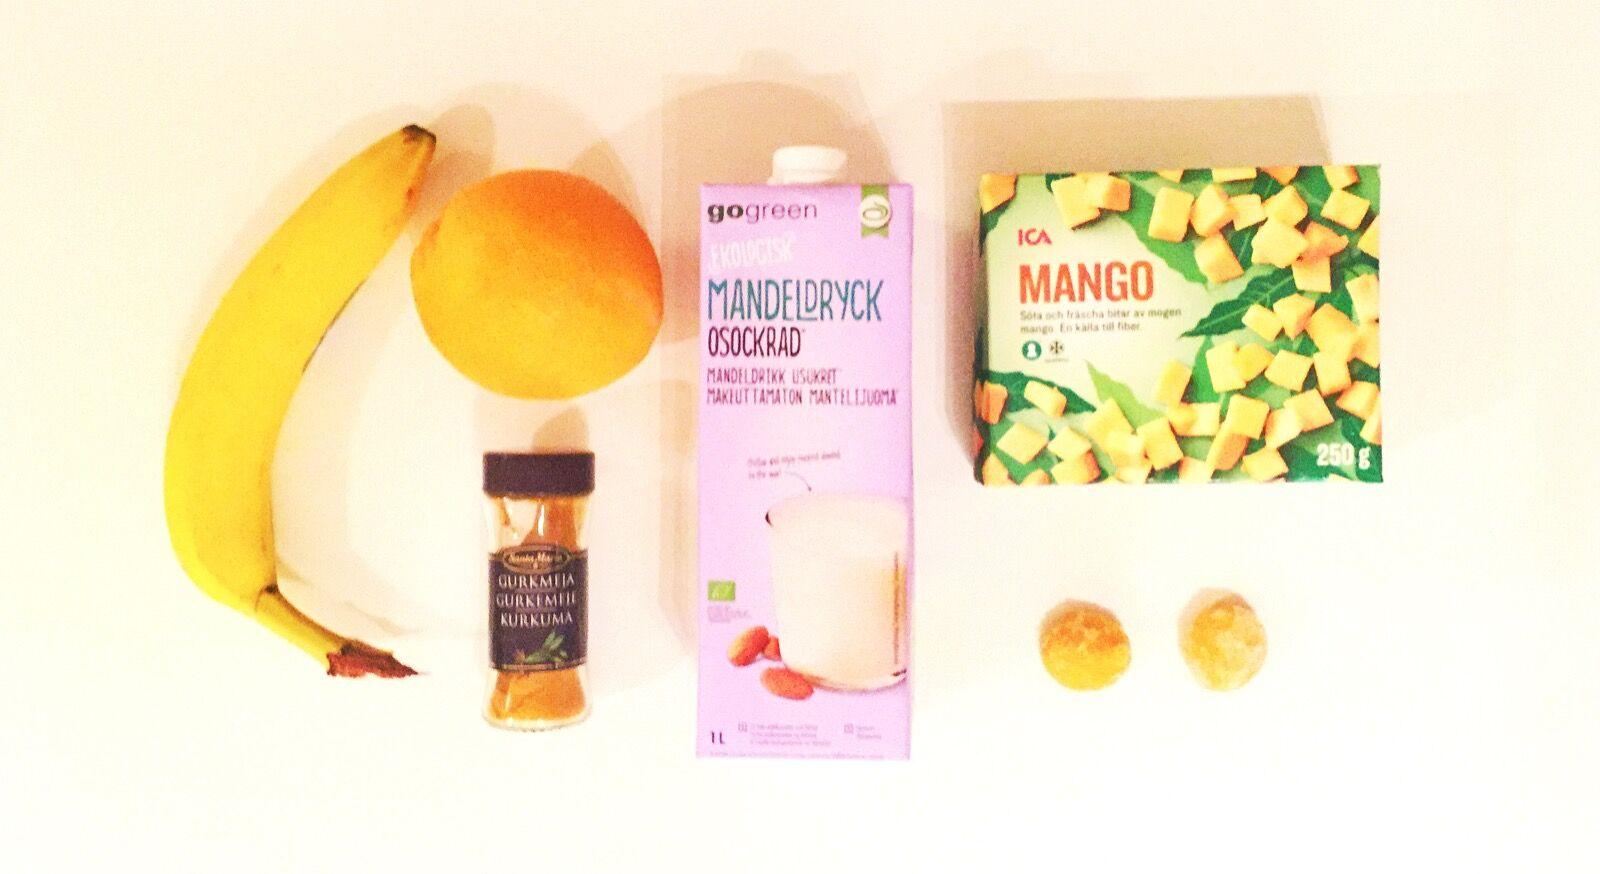 Det krävs inte så fasligt många ingredienser för en riktigt god och C-vitaminboostande smoothie!